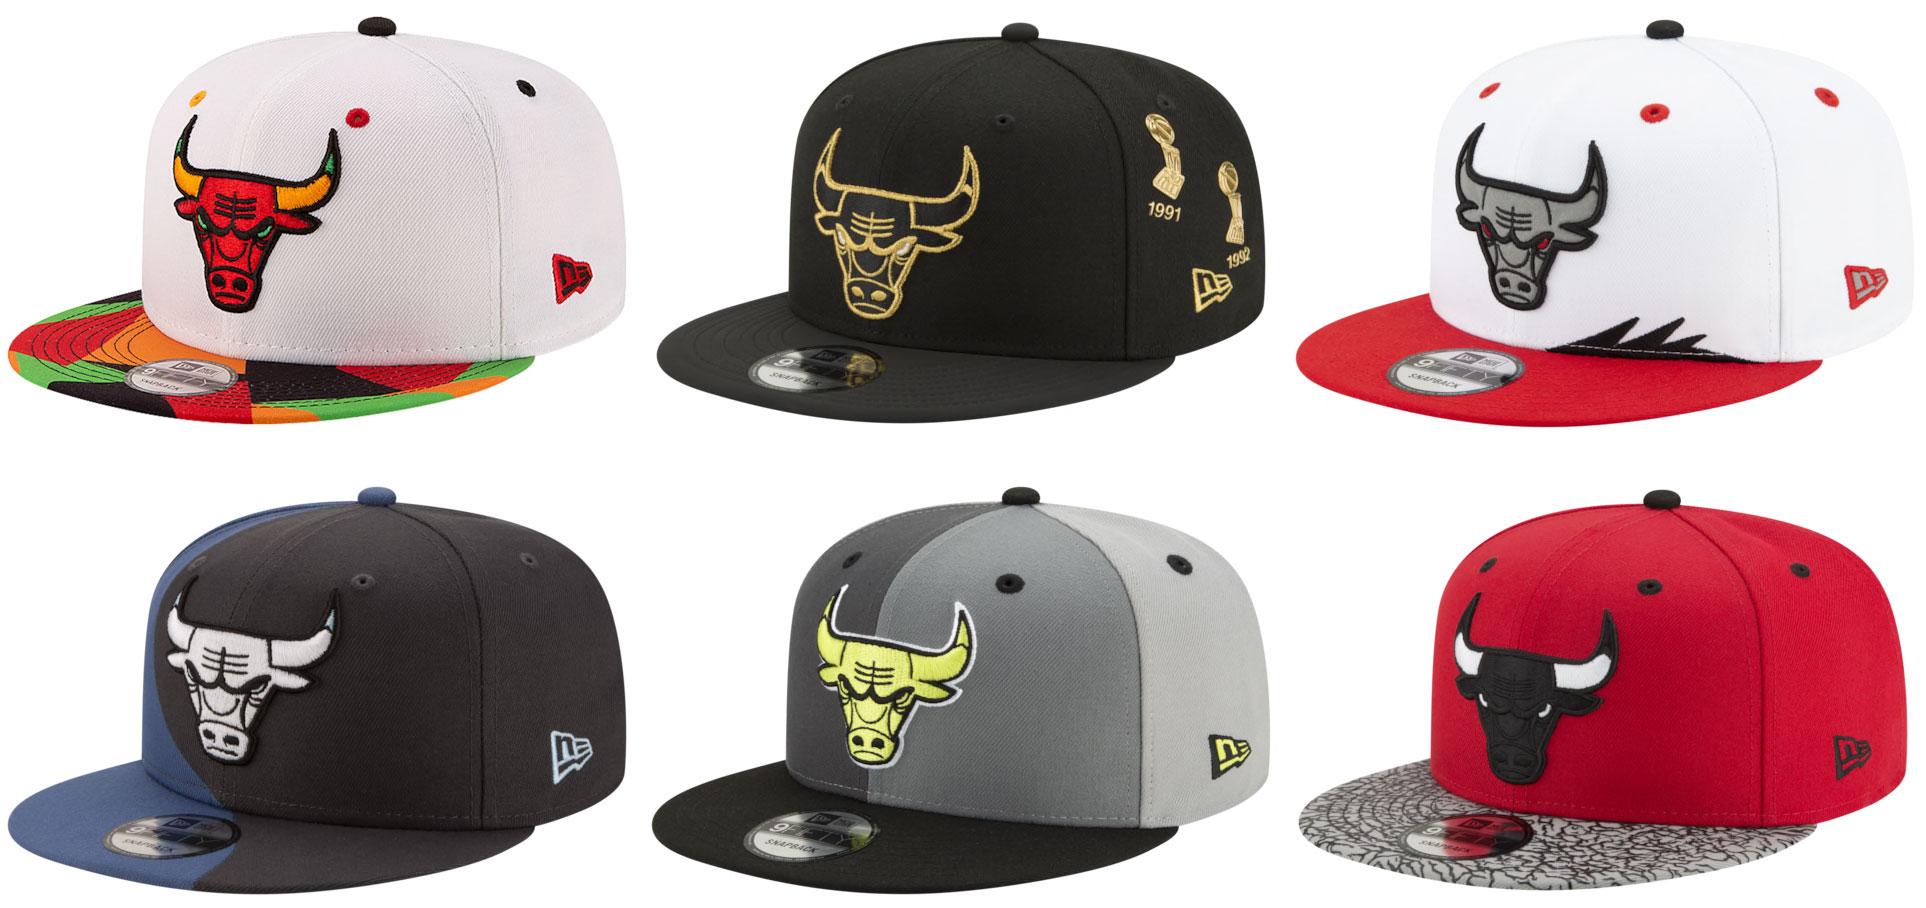 new-era-bulls-hats-to-match-air-jordan-retro-shoes